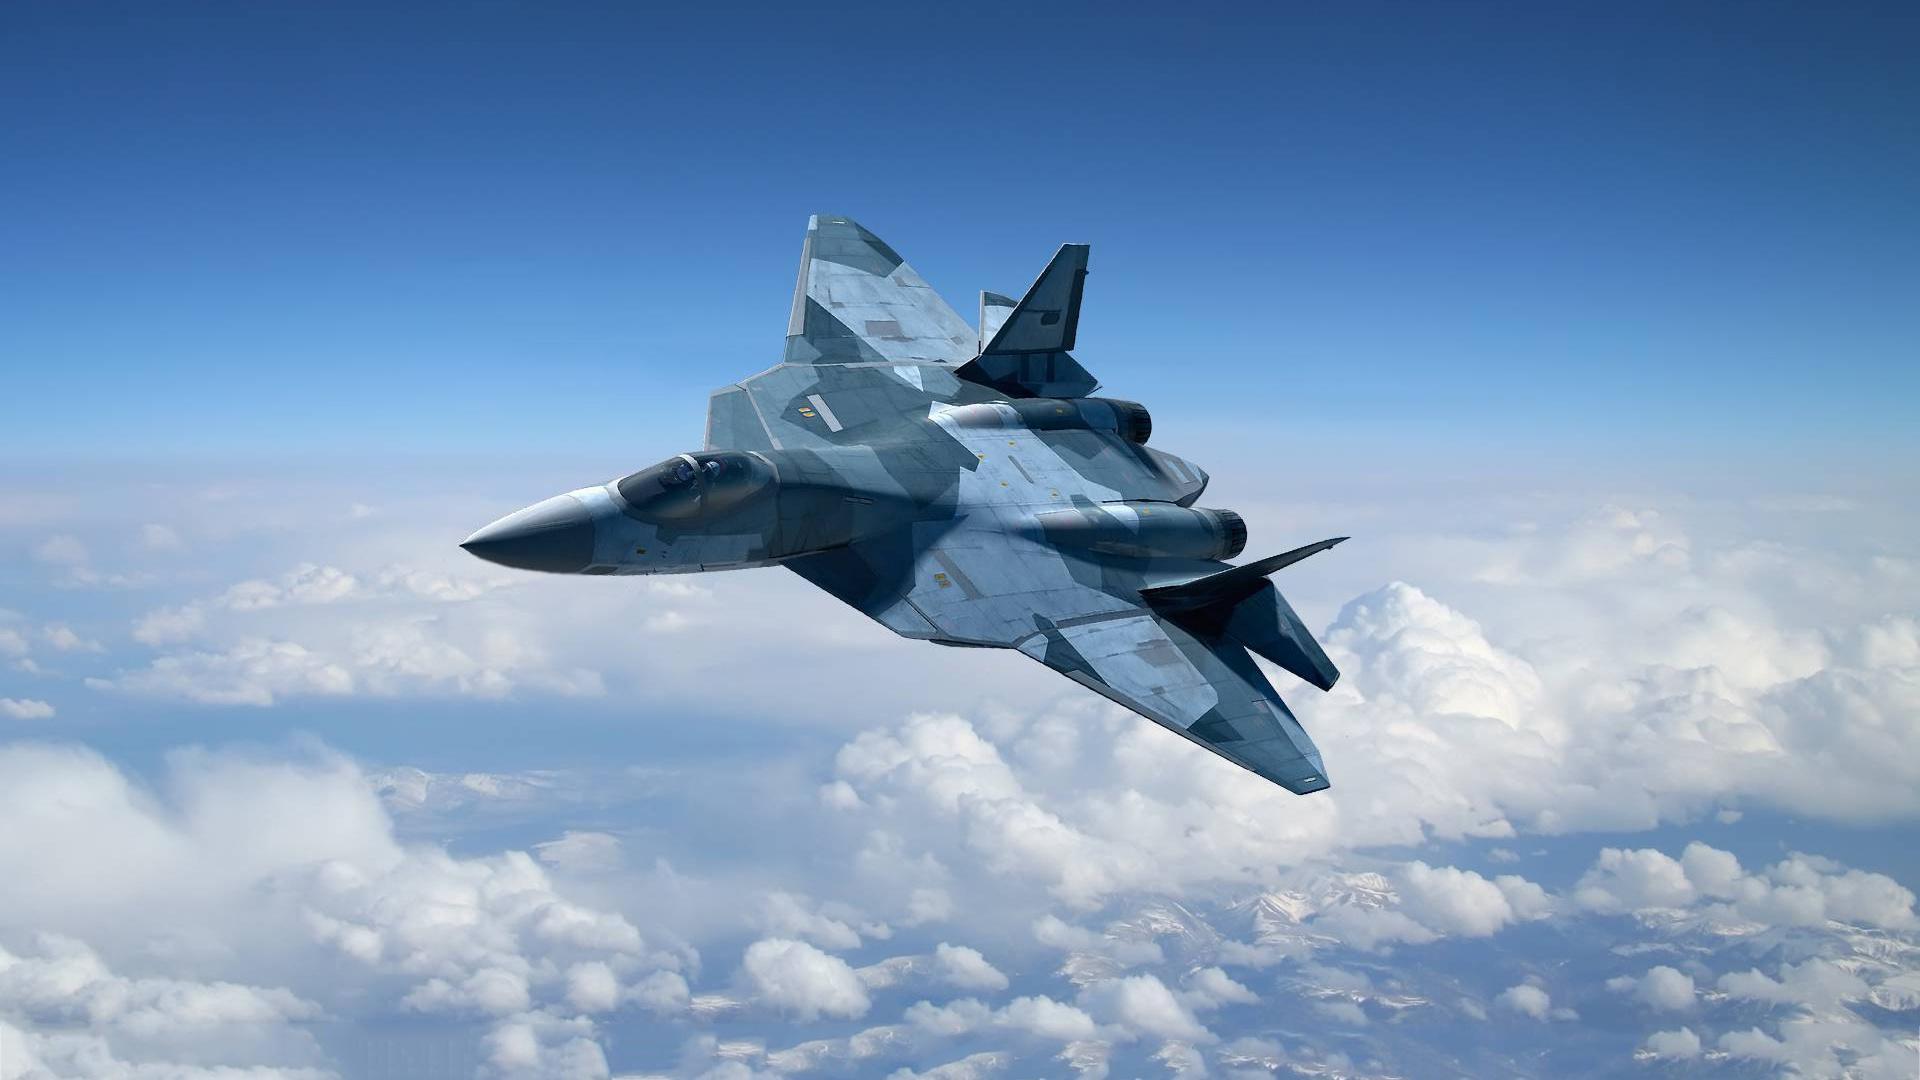 0 18121f 9501d6 orig - Красота войны: Российские ВКС